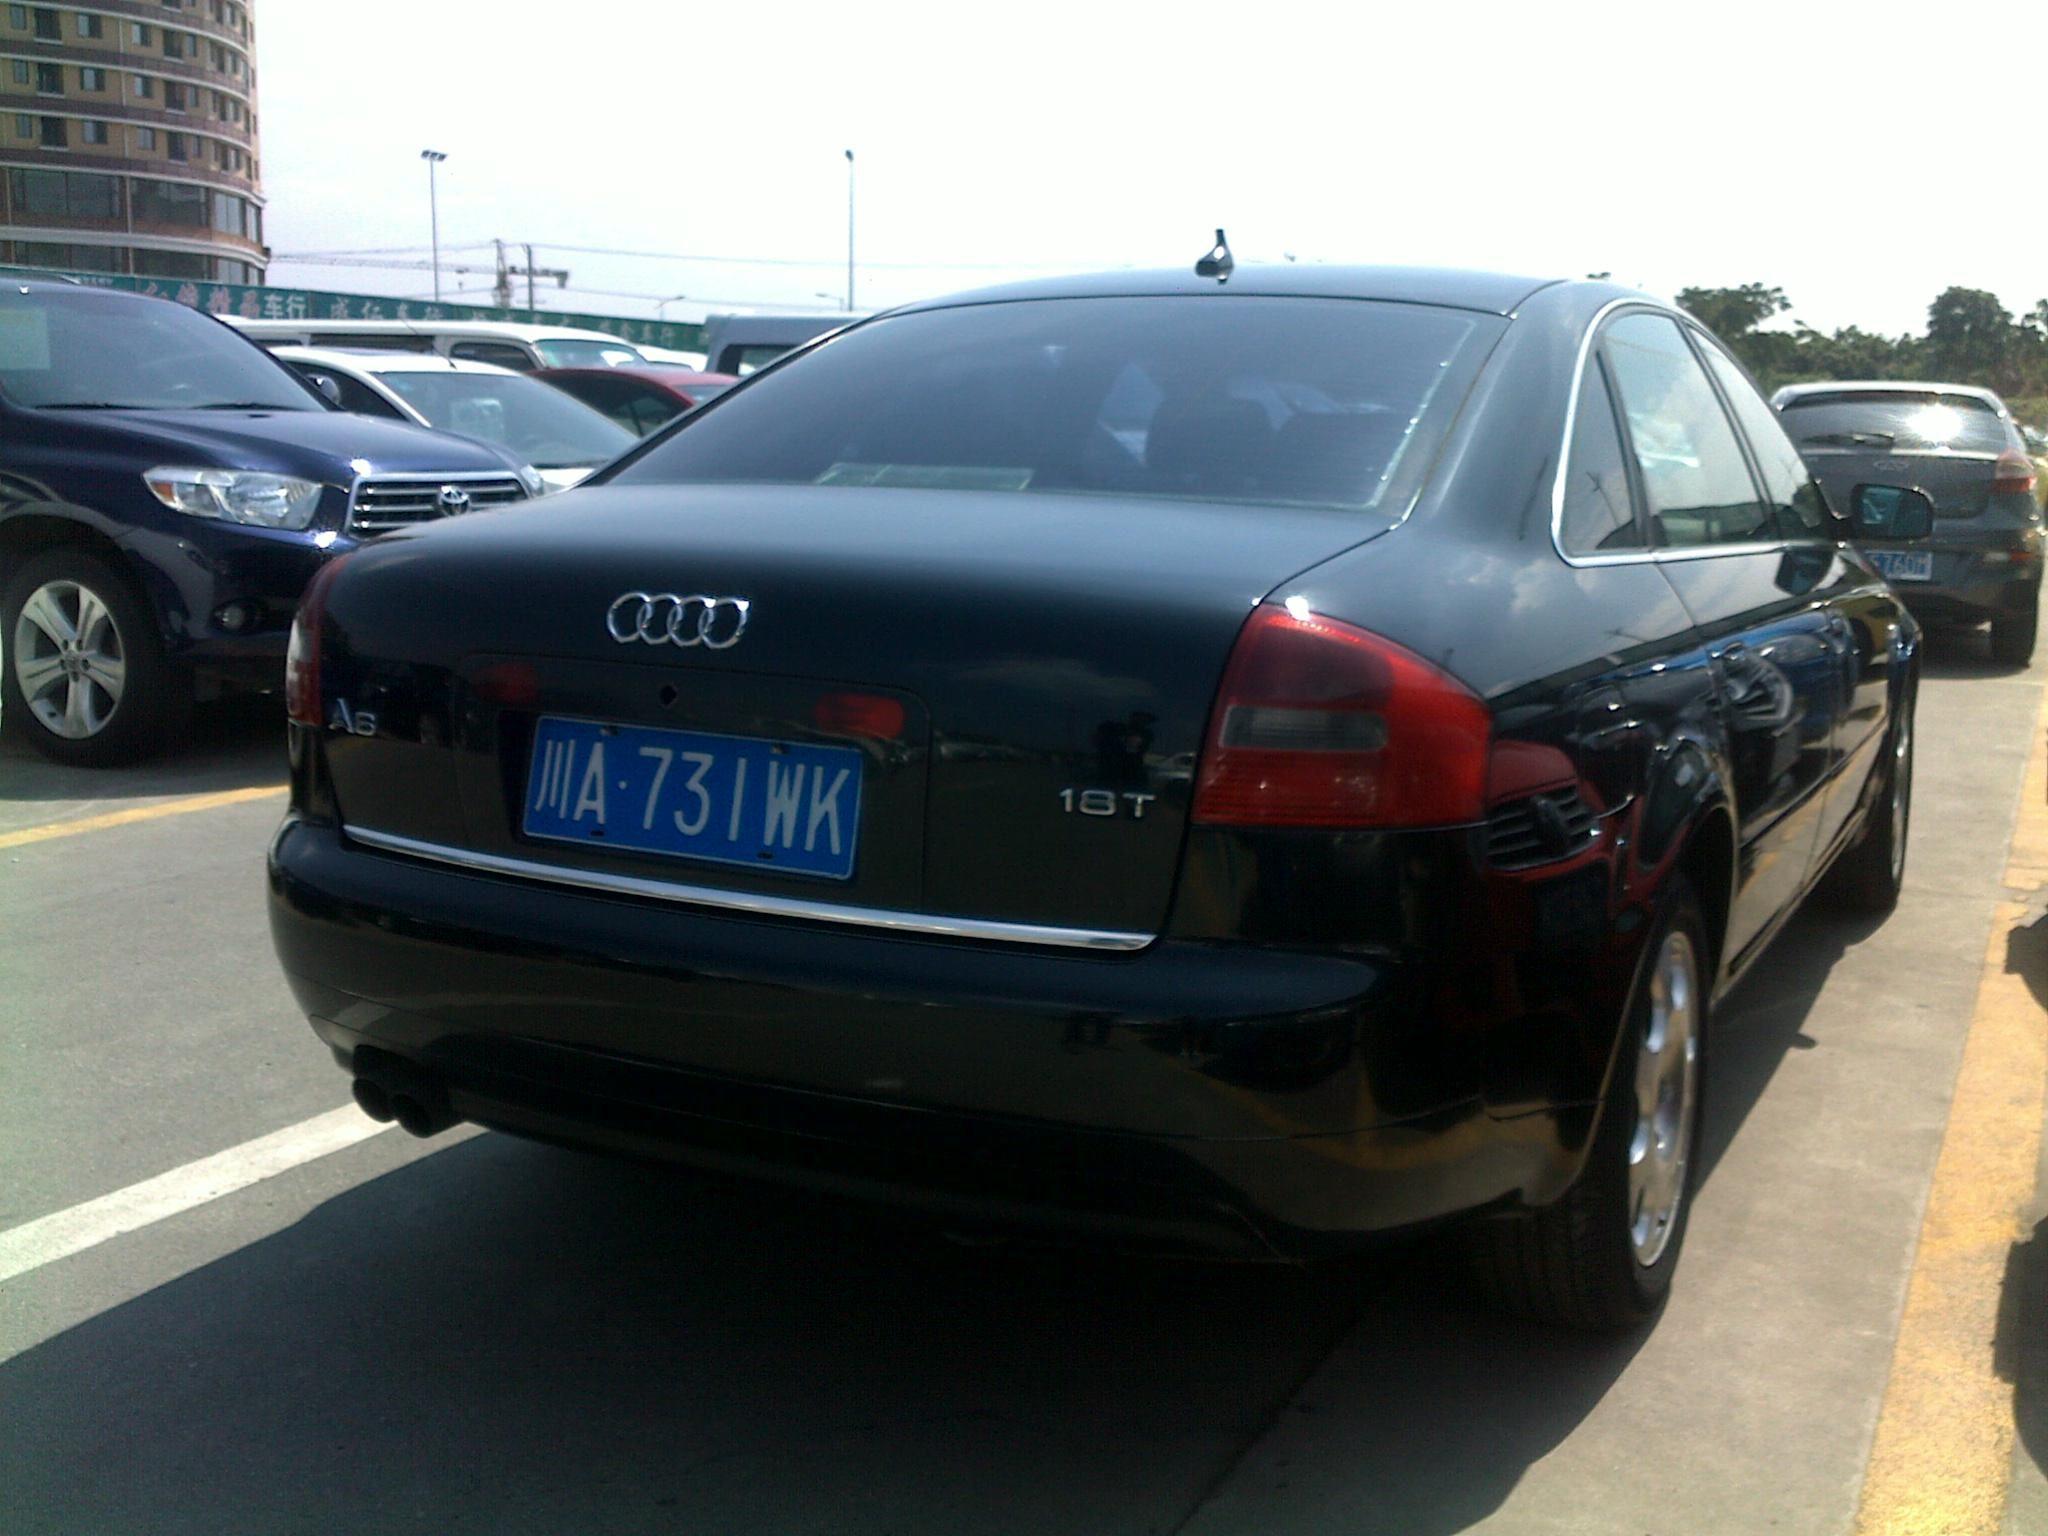 奥迪轿车上线检测后abs故障指示灯点亮,abs系统防抱功能失效